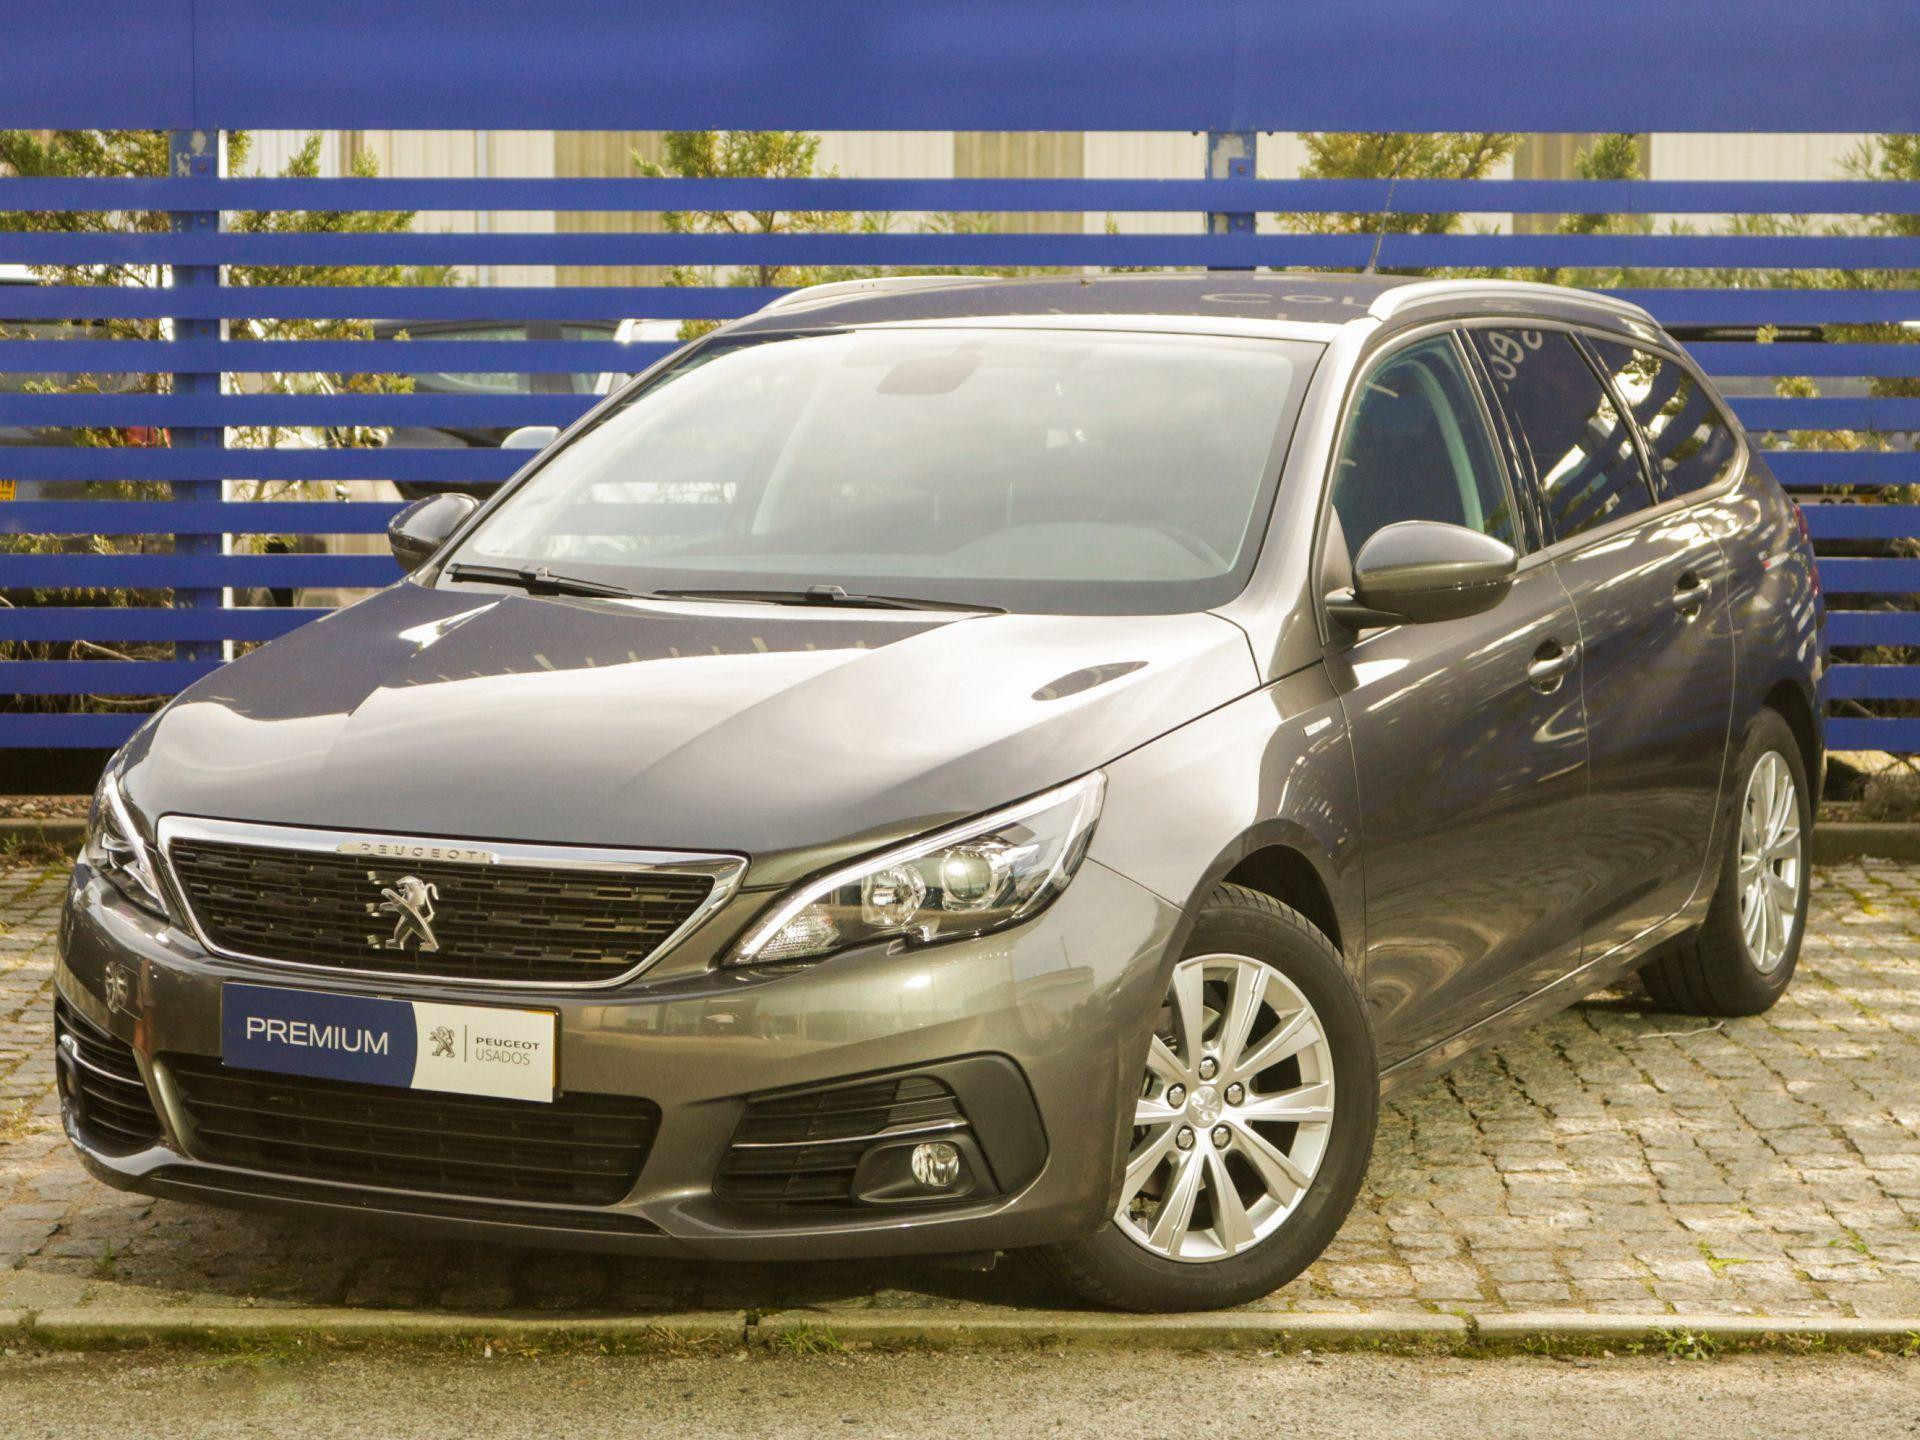 Peugeot 308 SW Style 1.2 PureTech 130cv Eu 6.3d CVM6 SW segunda mão Lisboa